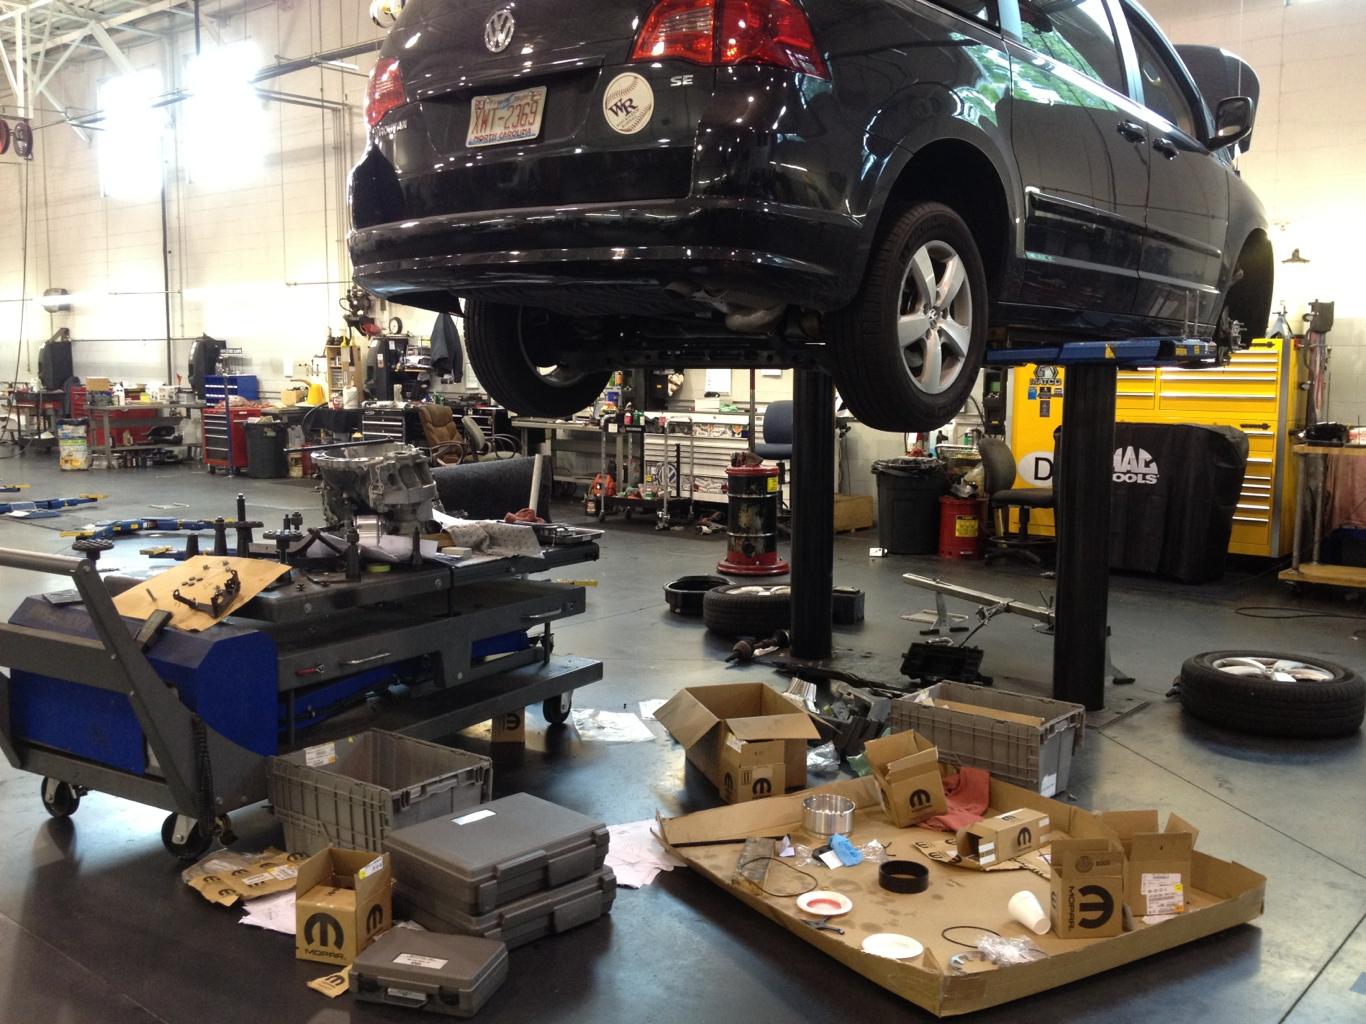 volkswagen temecula your tdi murriet experts specialists vw jon in and ca murrieta mechanic